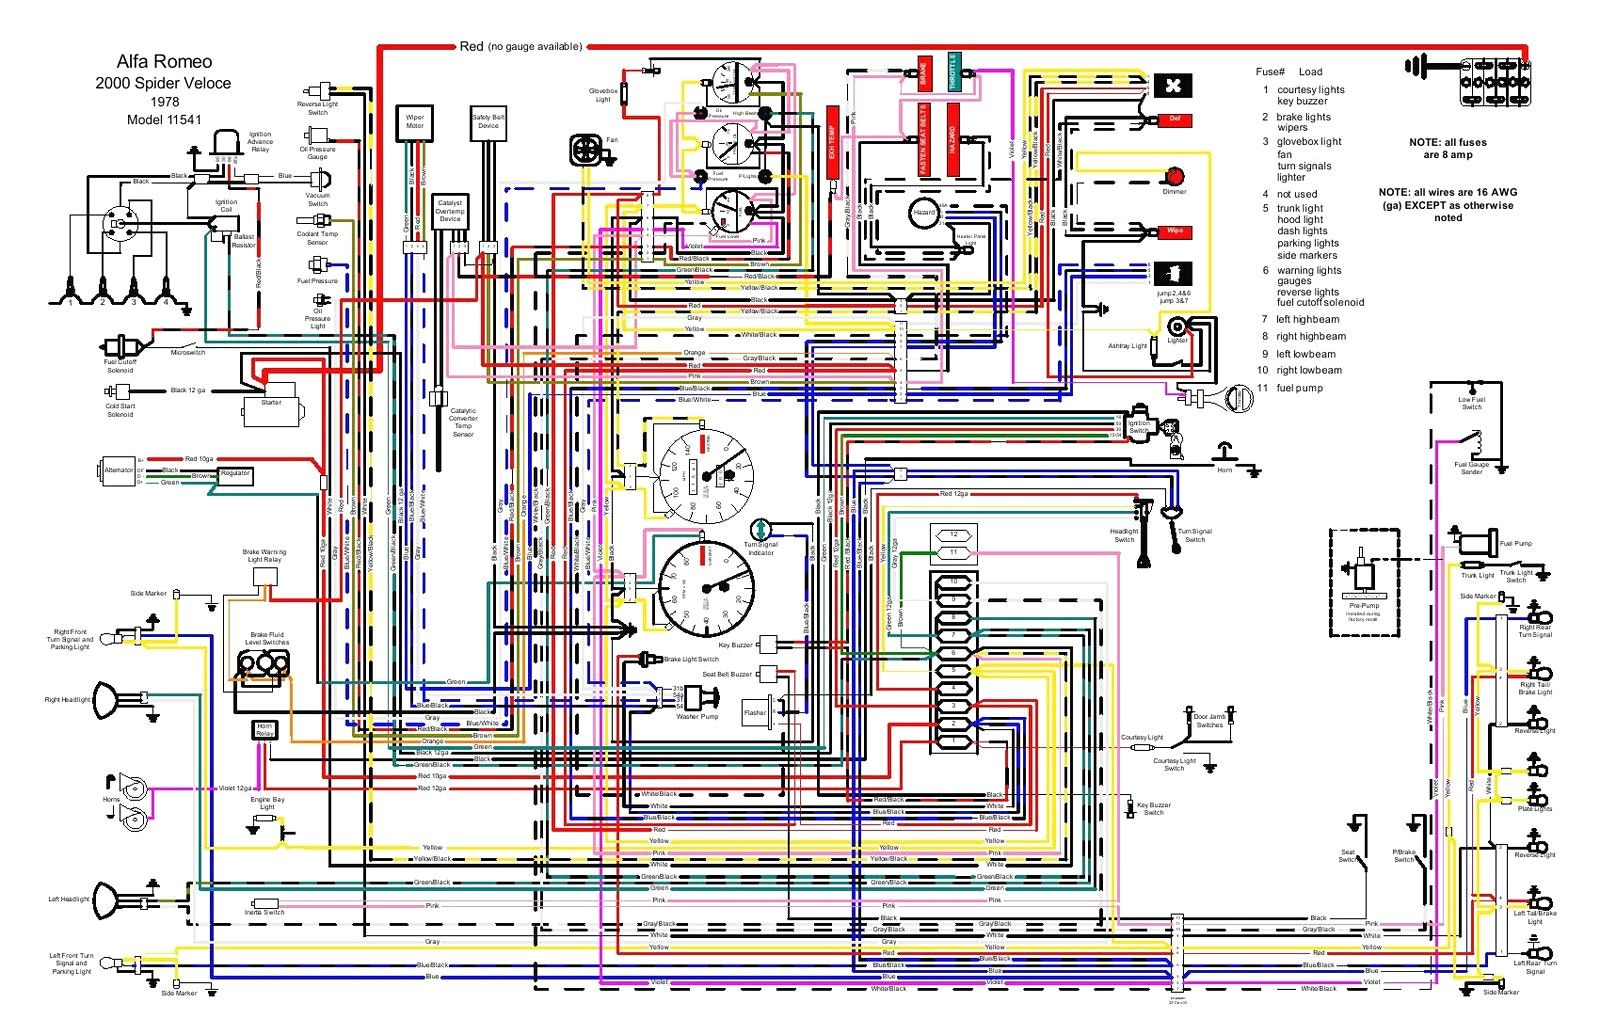 alfa romeo wiring diagram 156 wiring diagrams alfa romeo 155 wiring diagram [ 1600 x 1035 Pixel ]